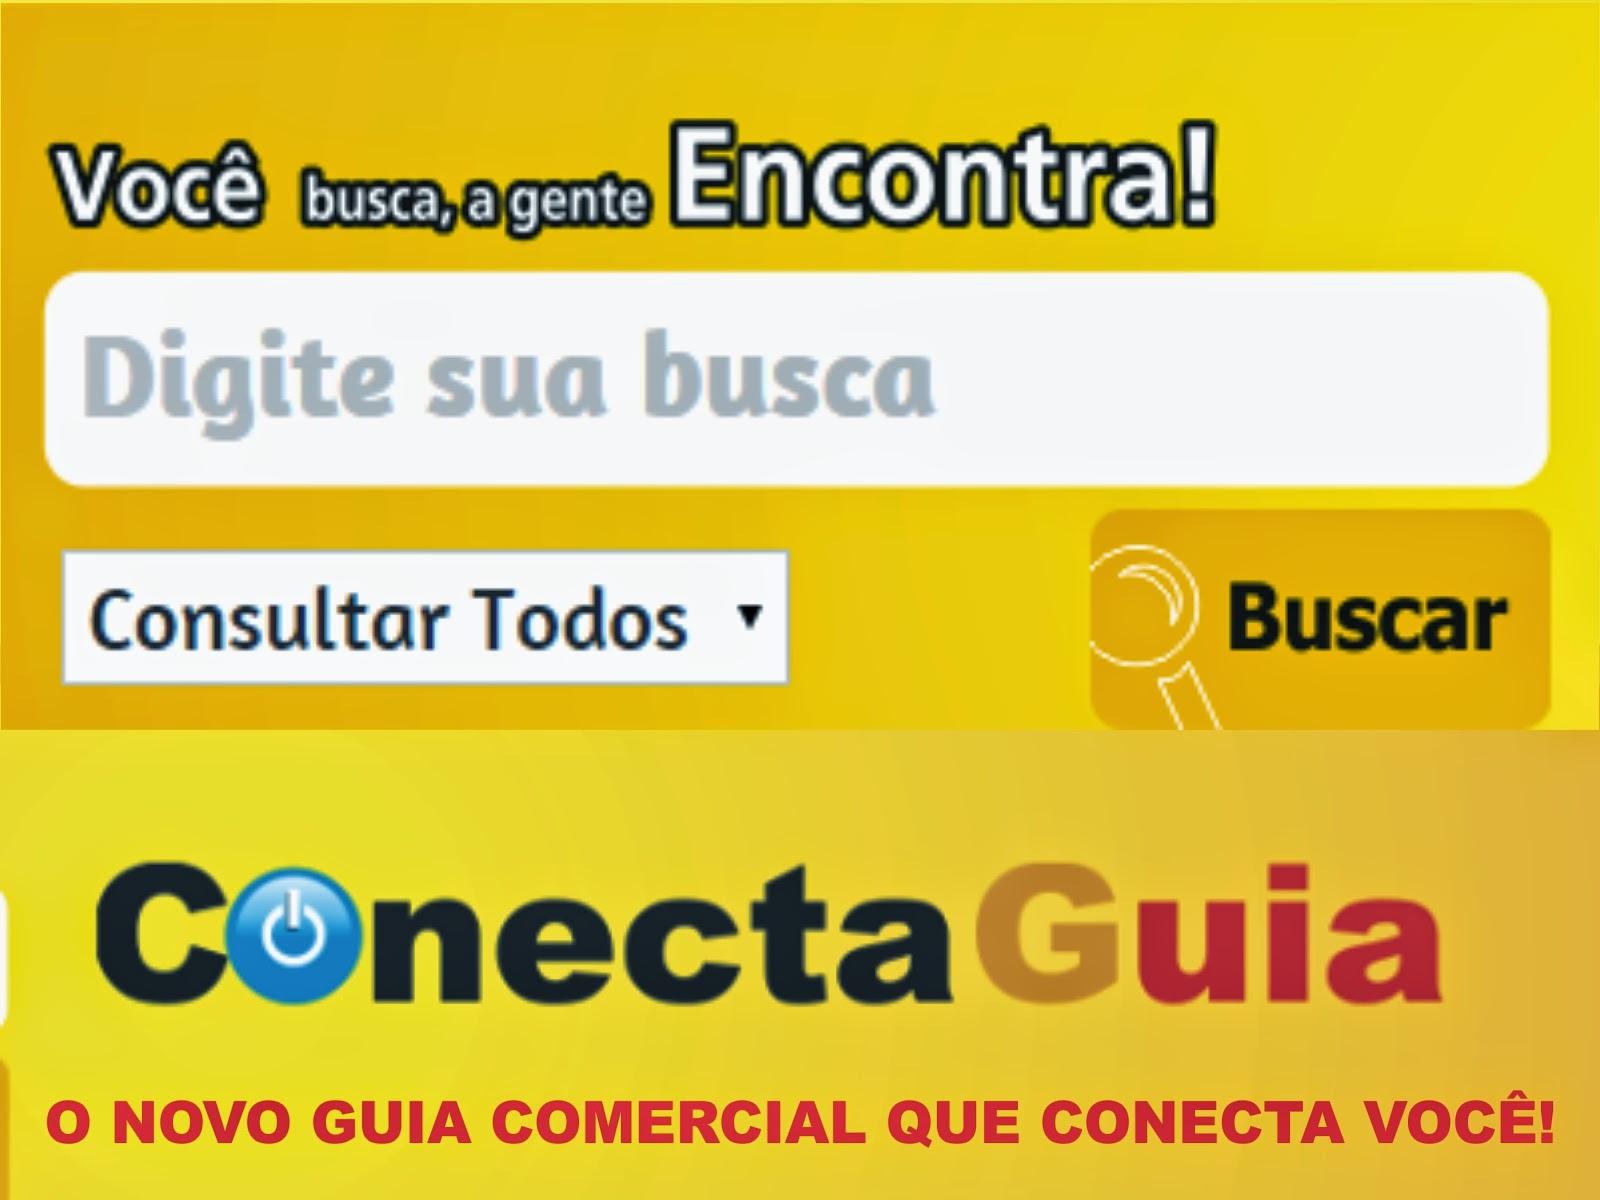 http://www.conectaguia.com